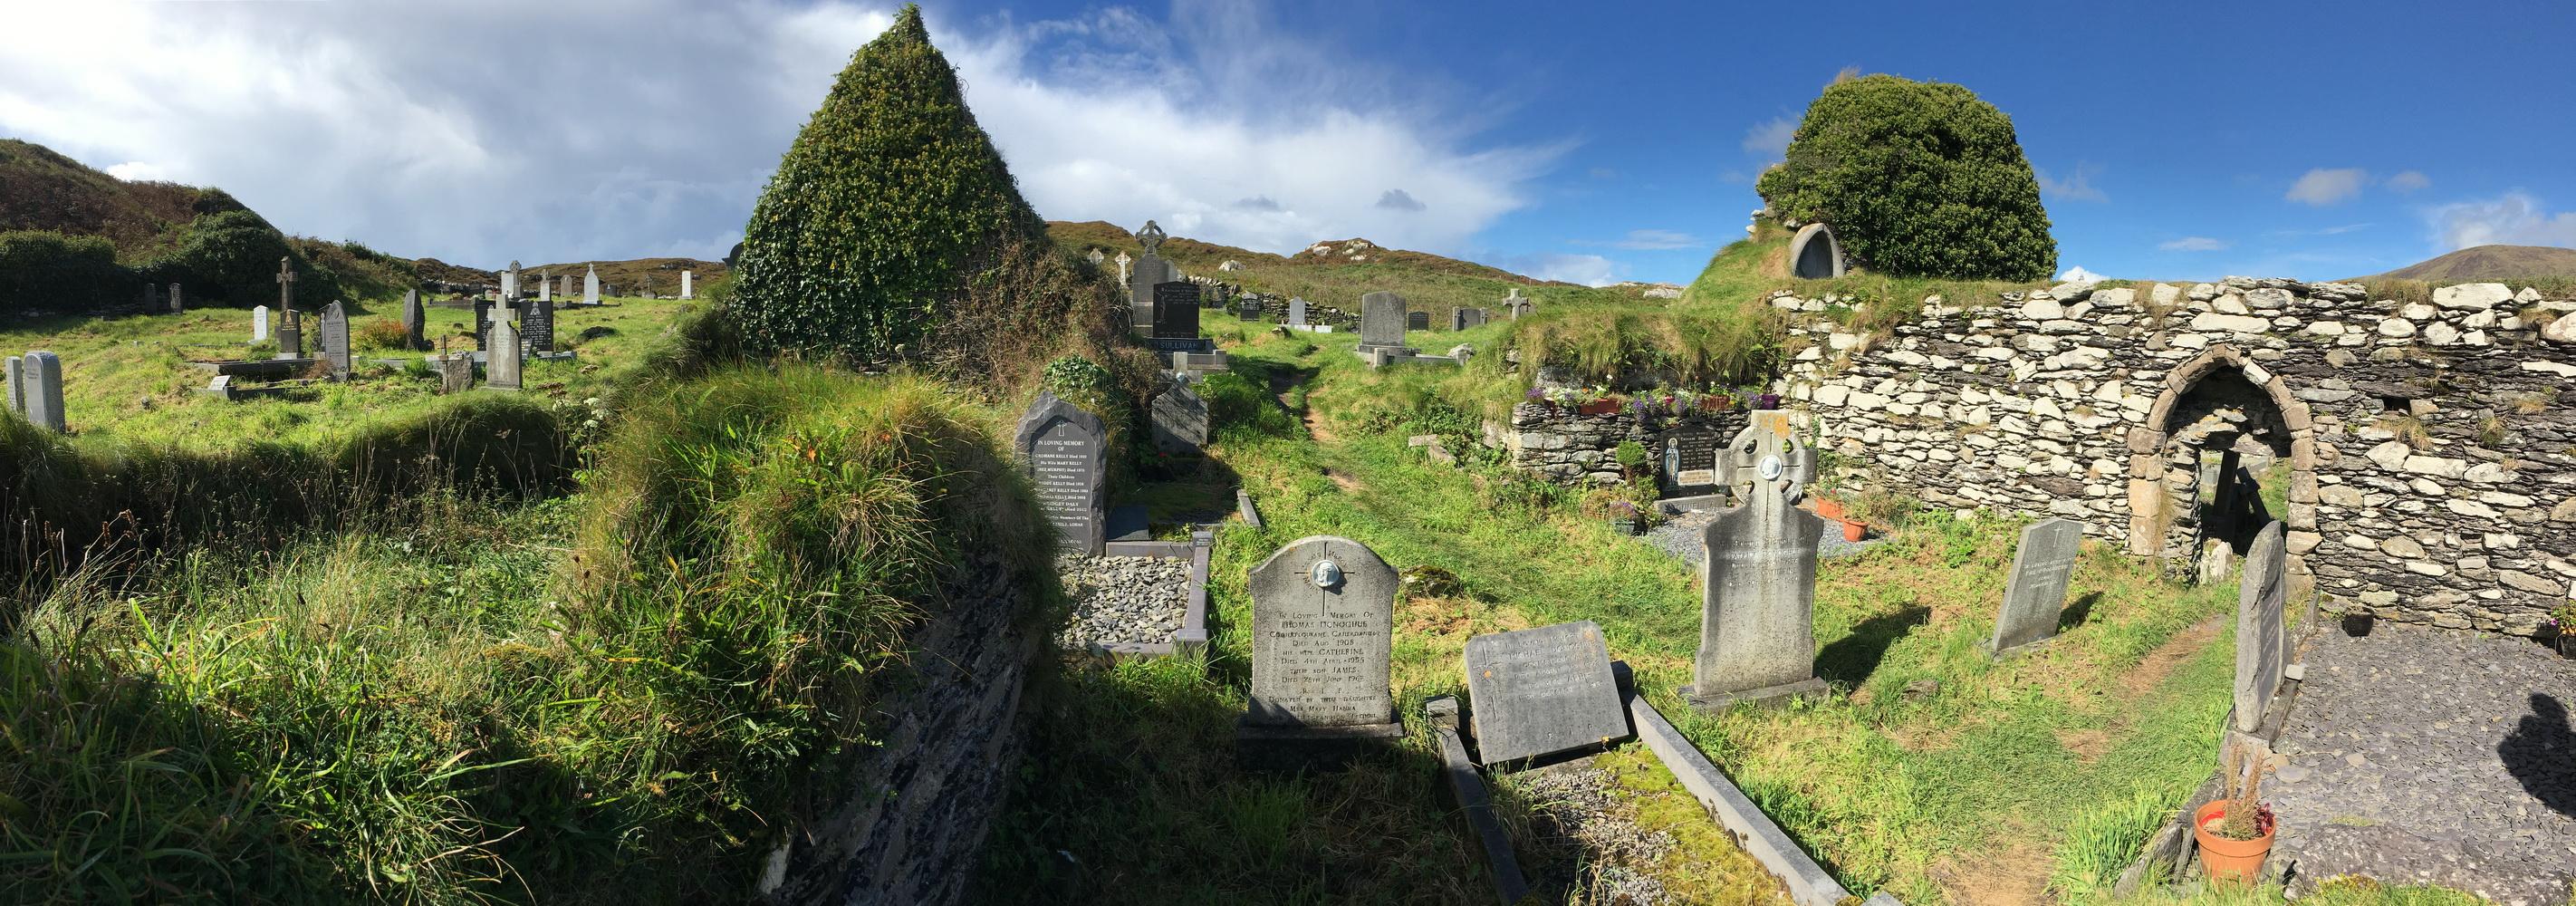 Derrynane Abbey Cemetery in Kerry Ireland